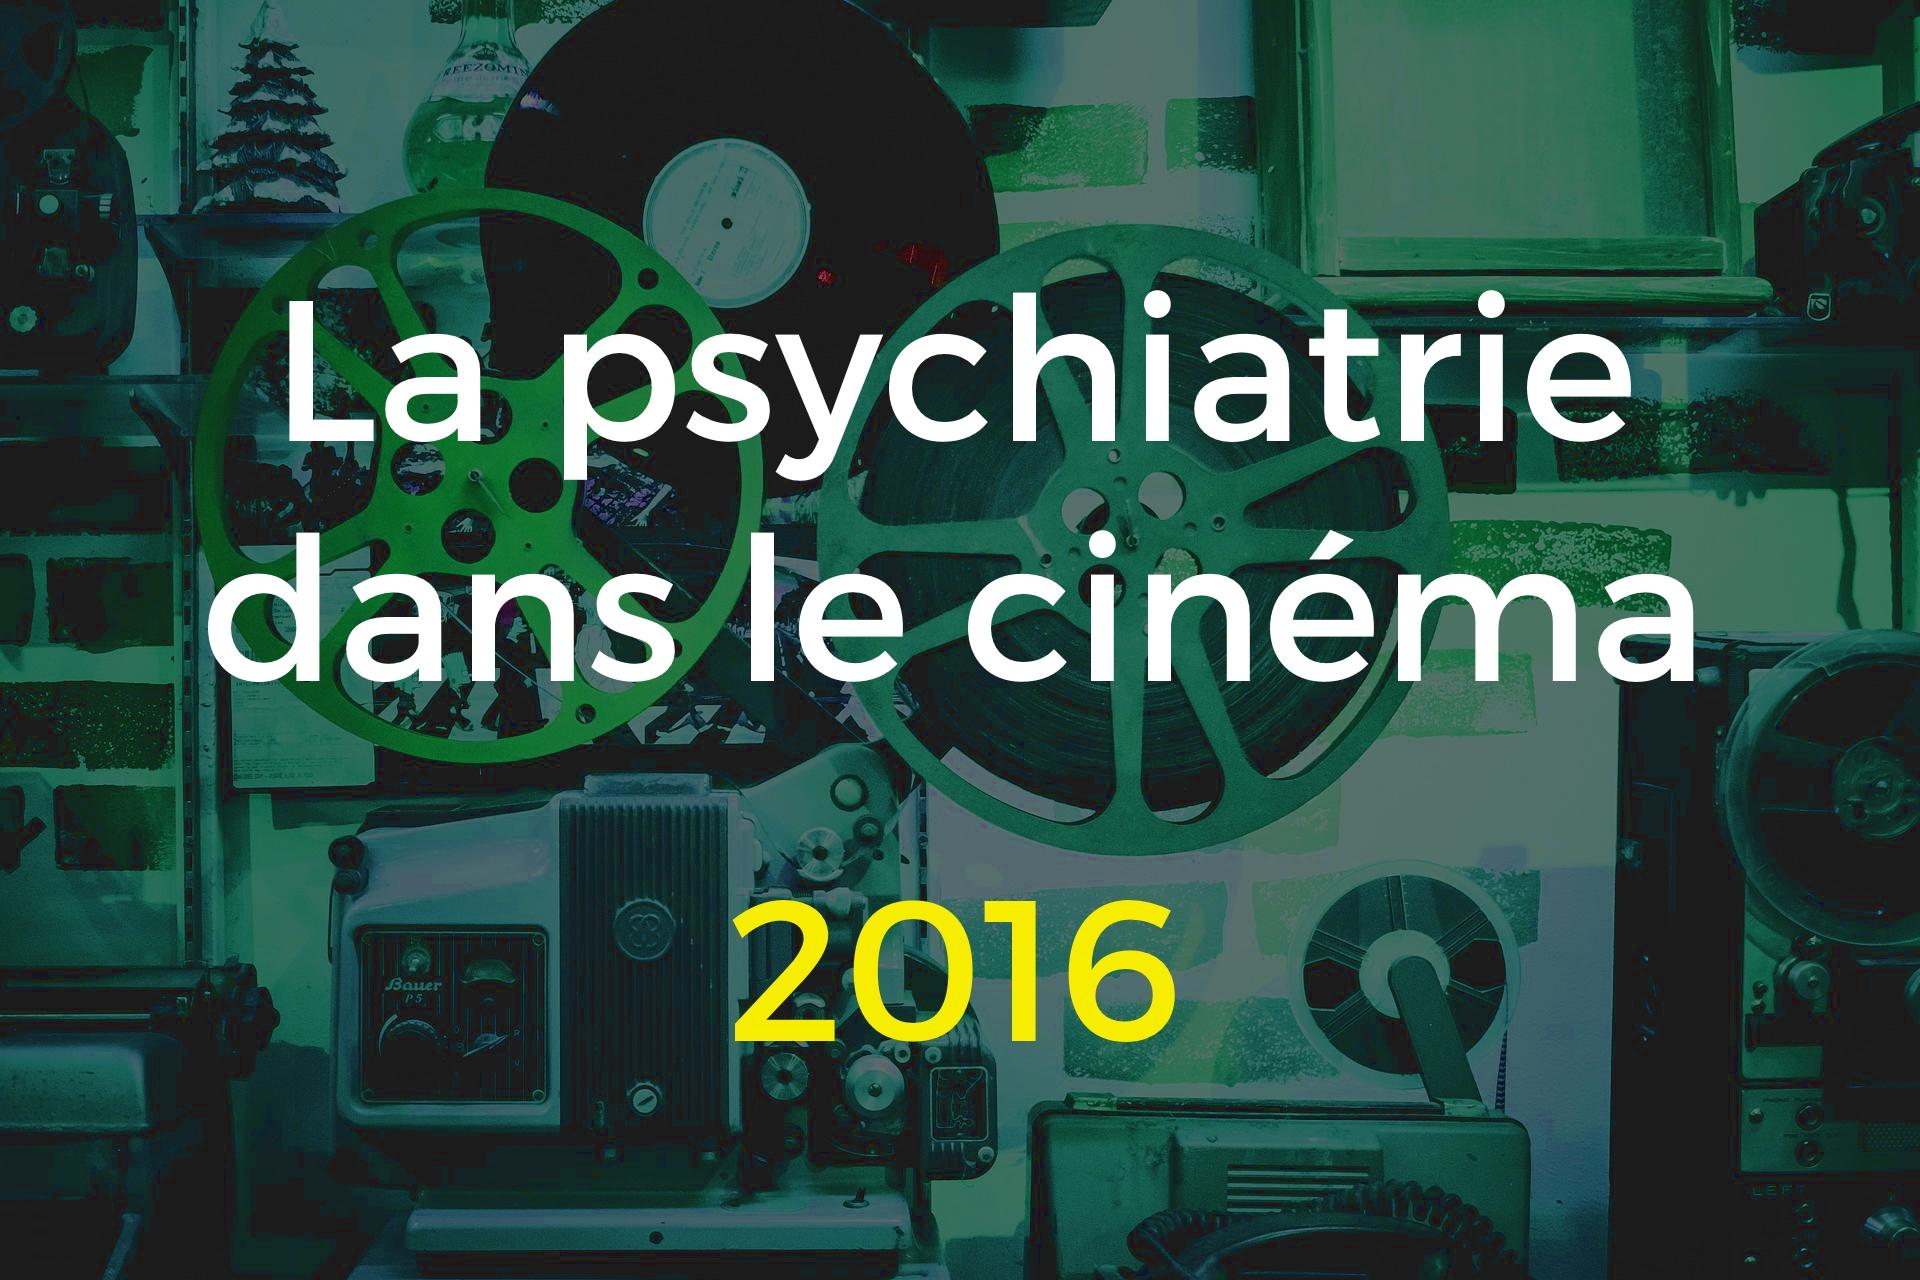 La psychiatrie dans le cinéma 2016